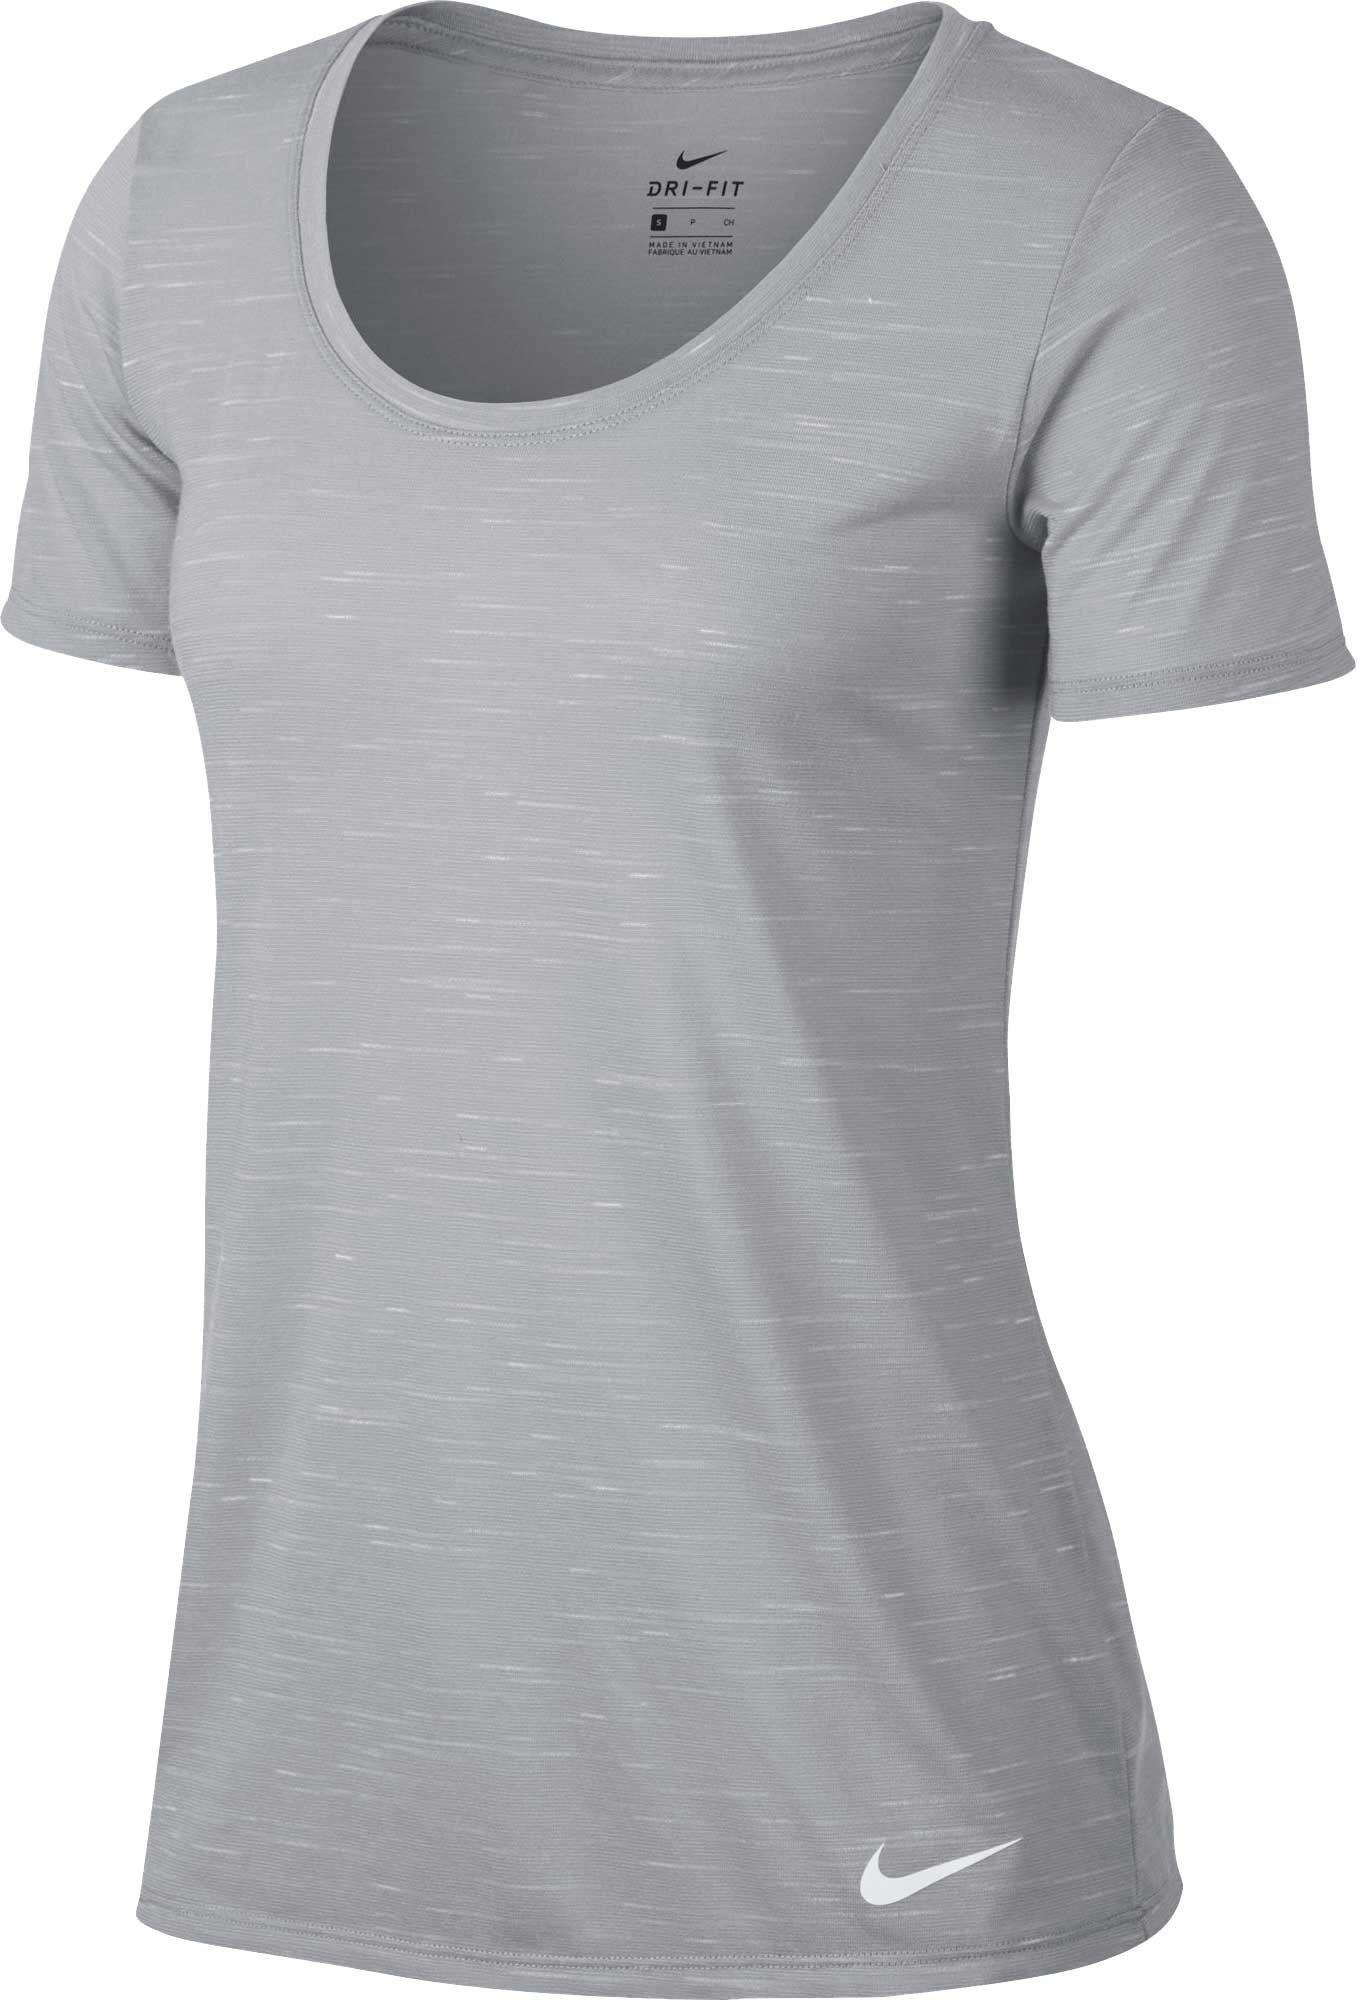 eb0ec2b9b Nike Women's Legend Dri-FIT Fleck T-Shirt in 2019 | Products | Nike ...